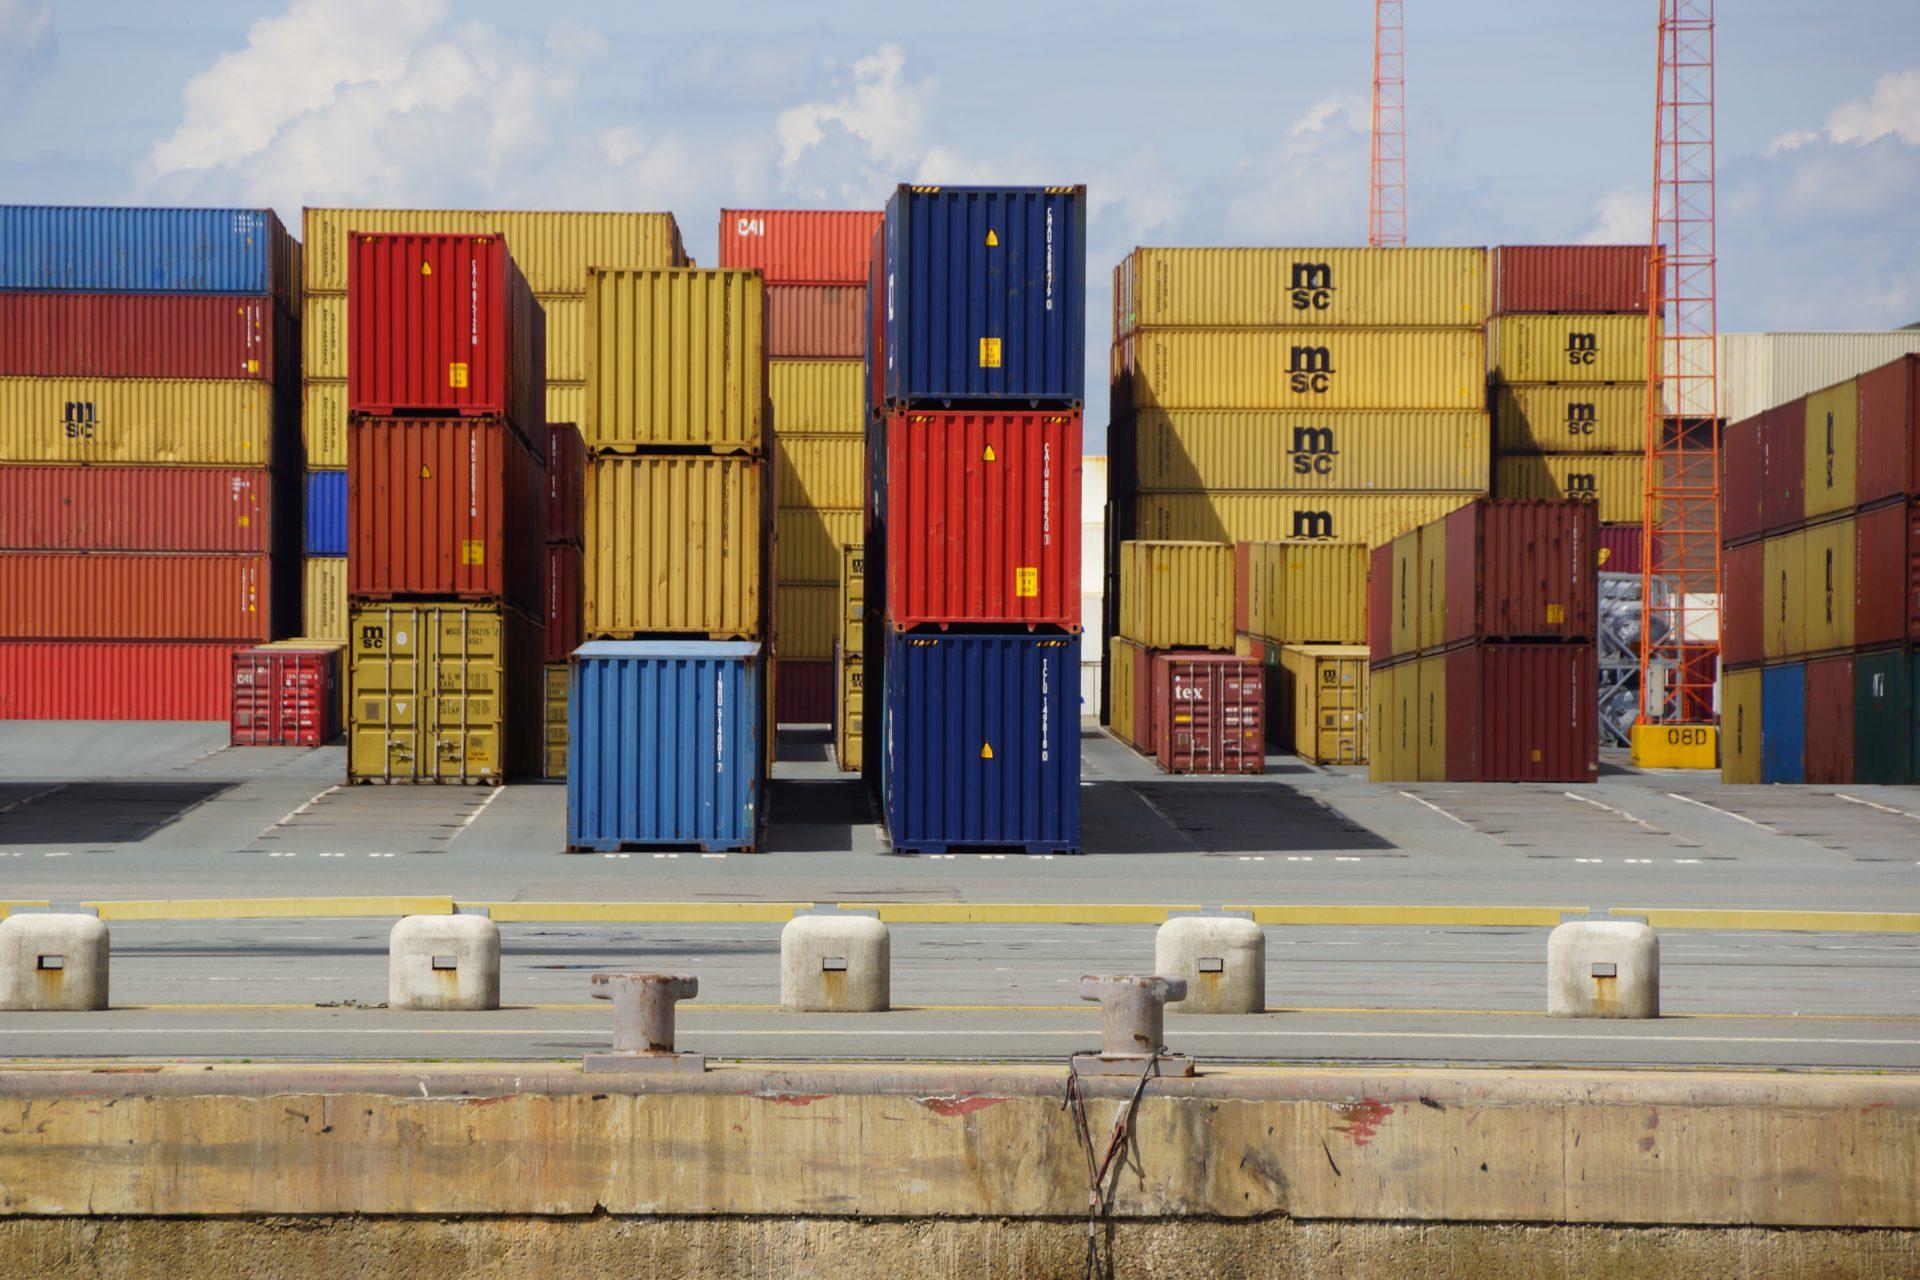 Contenedores en un puerto en el que es necesario aumentar la seguridad.